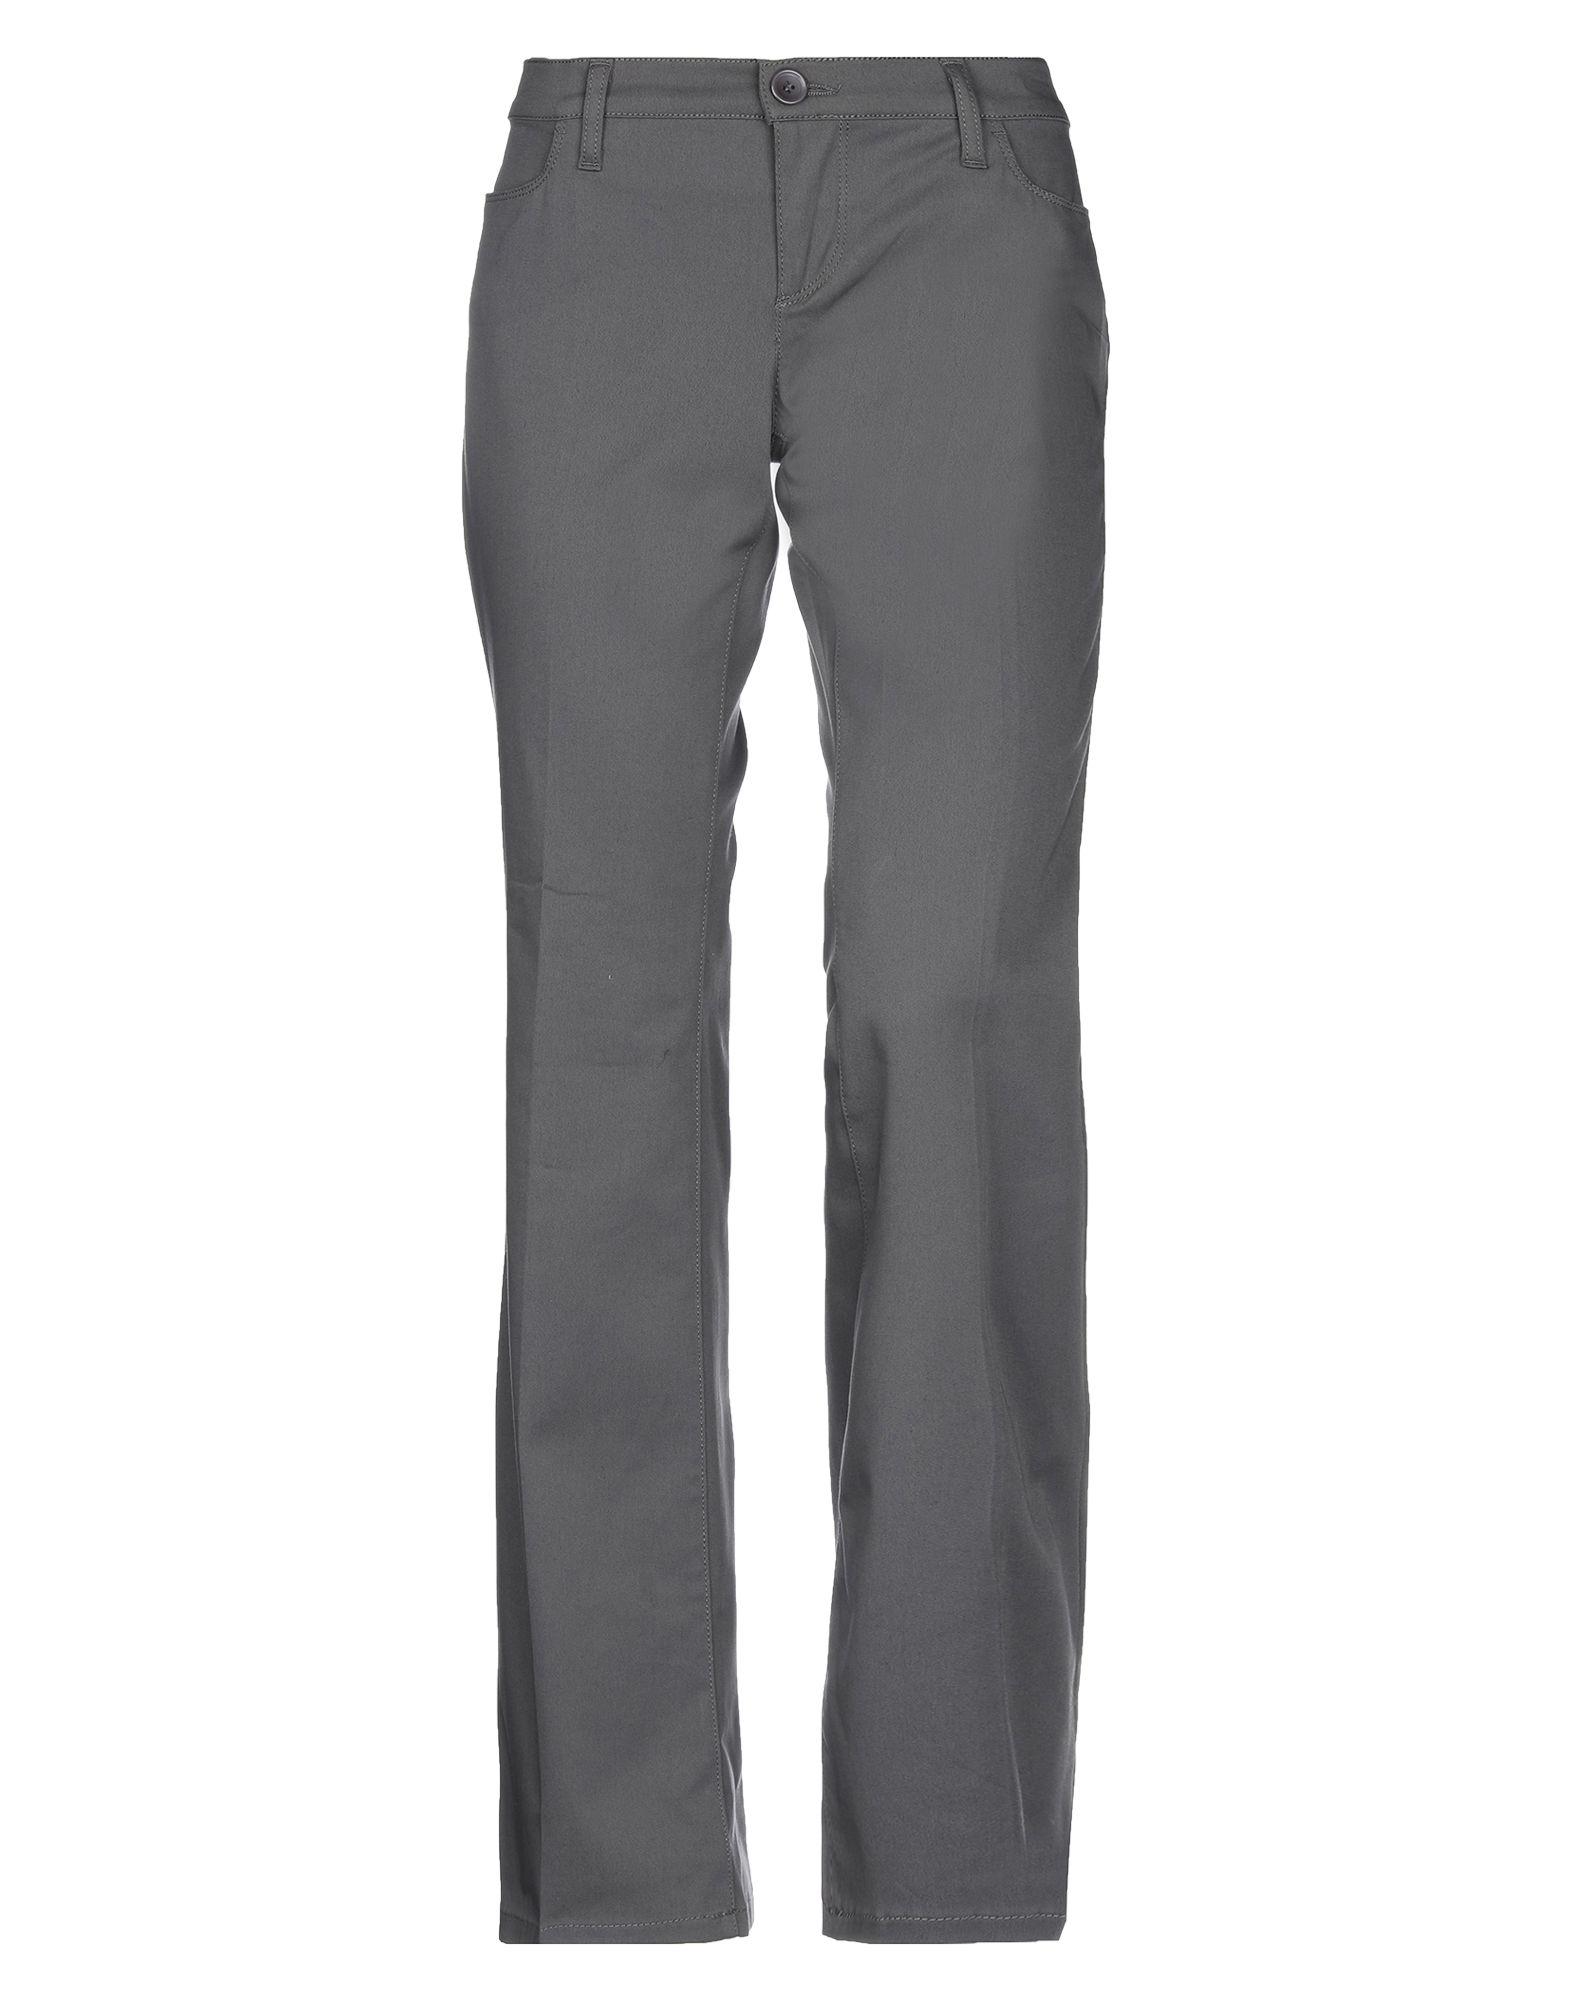 UNITED COLORS OF BENETTON Повседневные брюки брюки спортивные мужские united colors of benetton цвет синий 3j72p0250 06u размер m 48 50